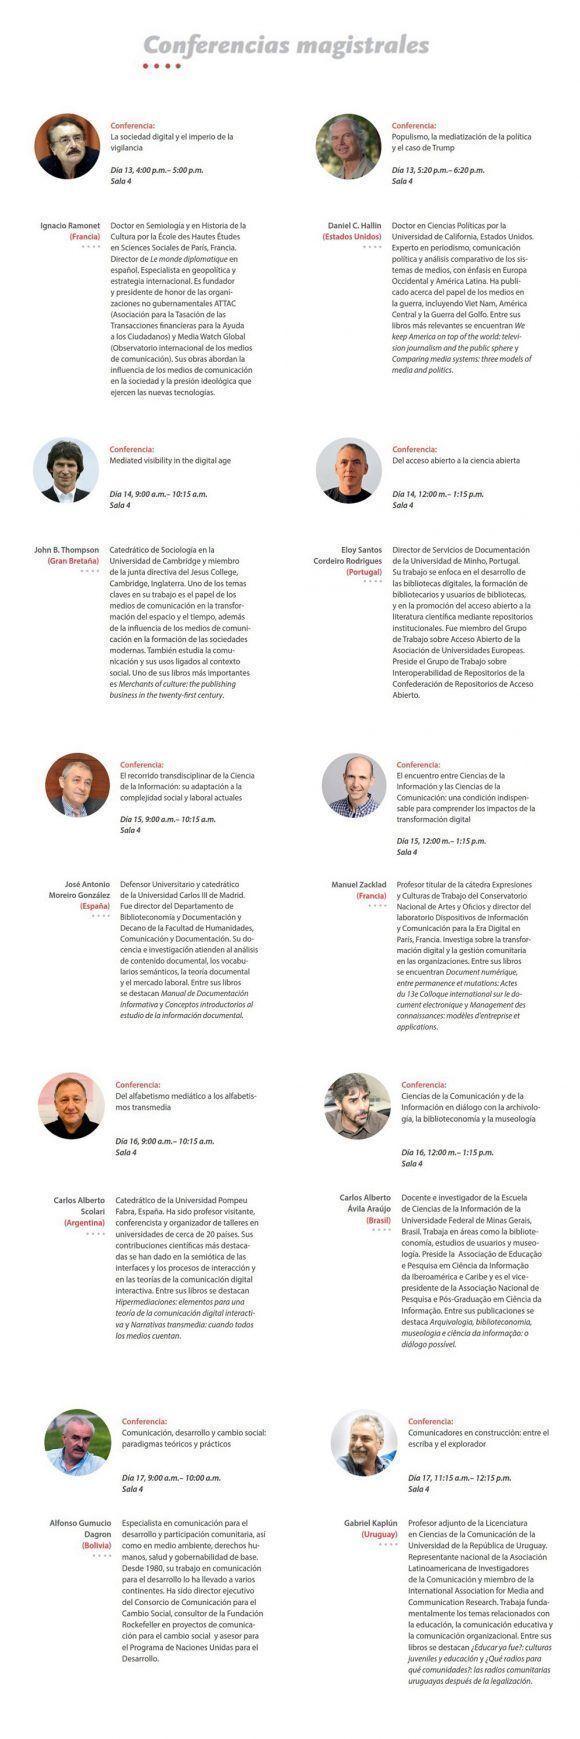 Autores de las conferencias magistrales en ICOM-2017. Imagen: FCOM.